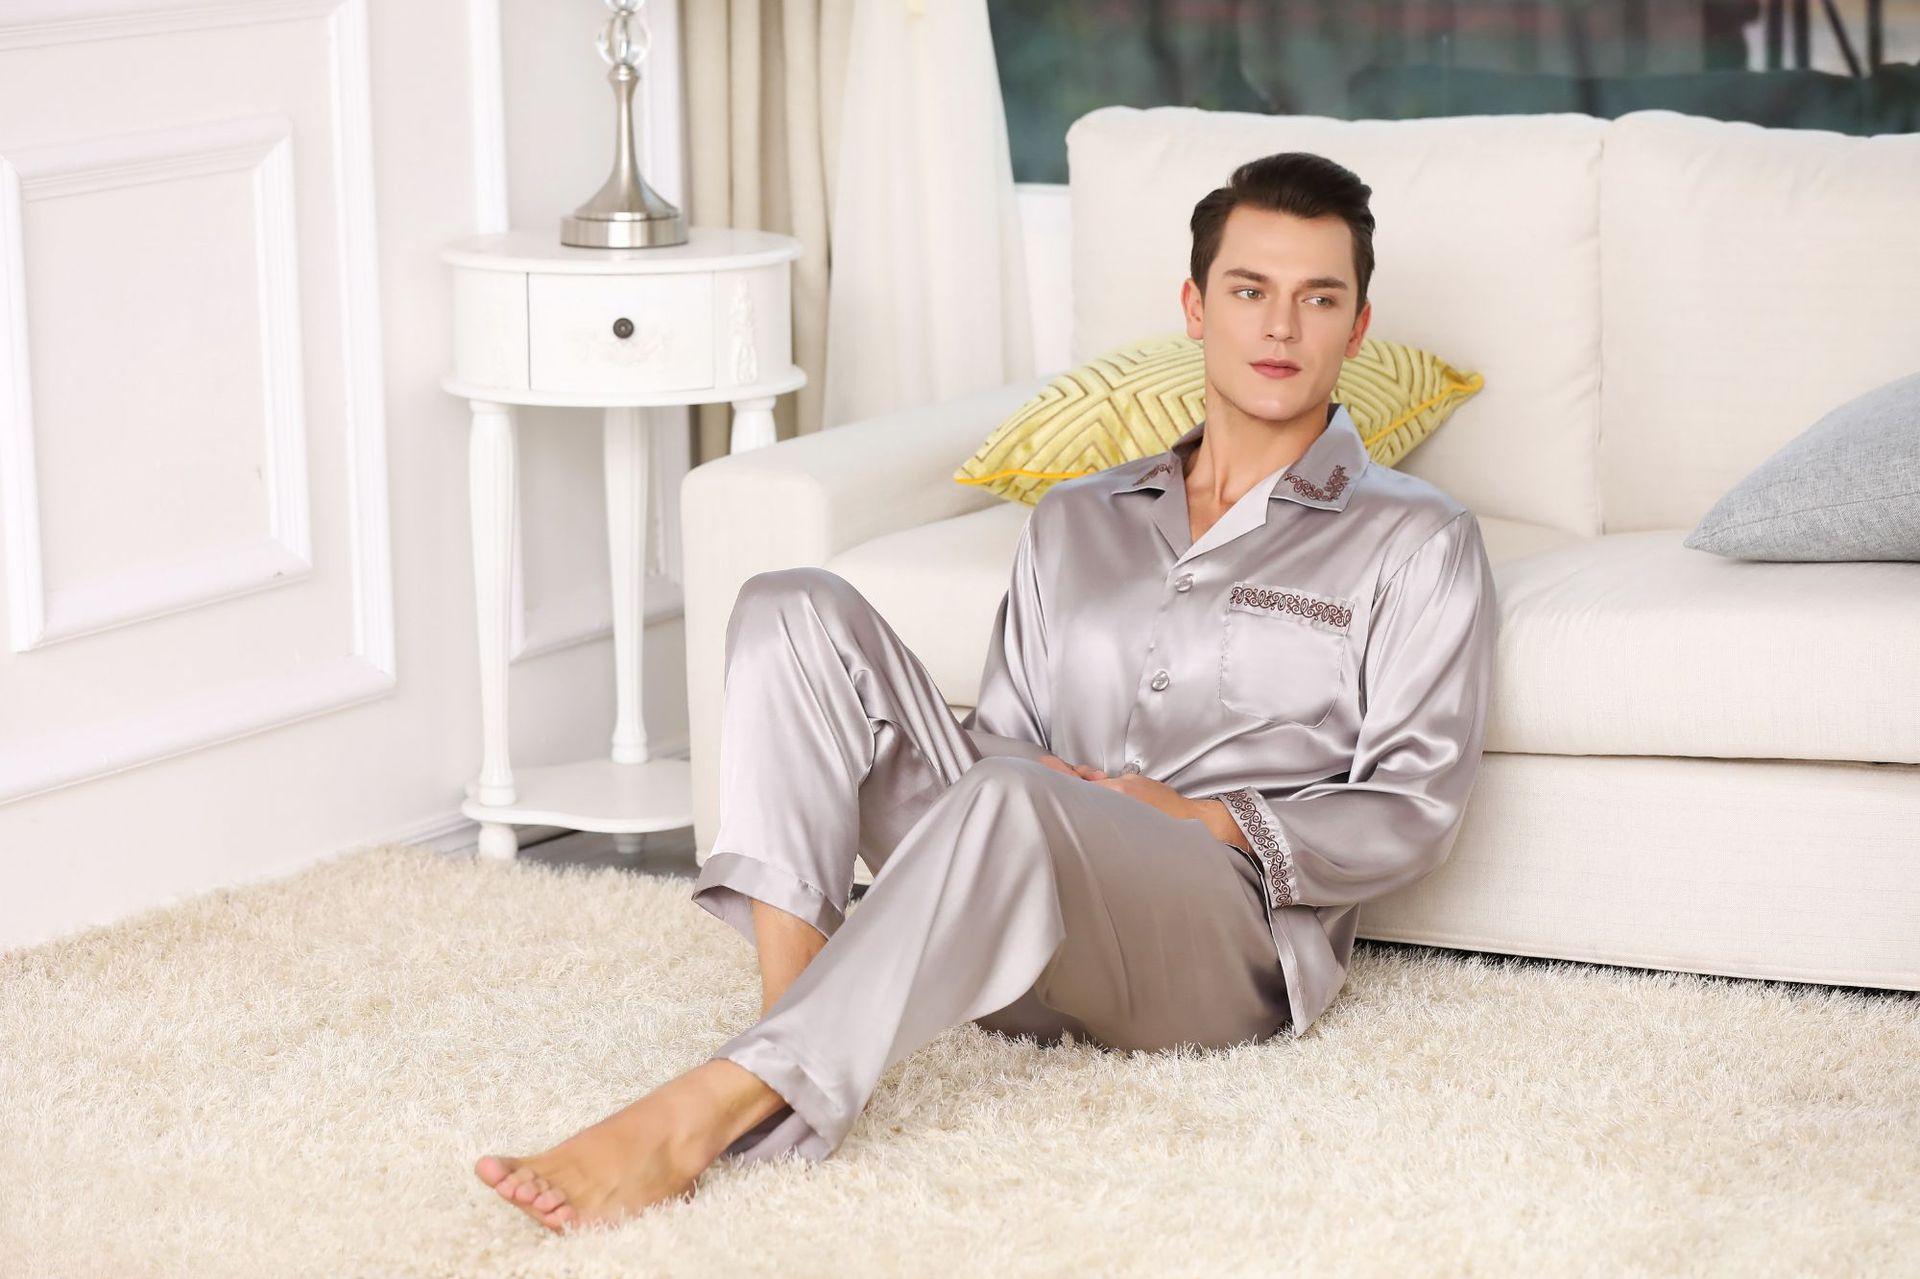 Verdicken Warme Frauen Pyjama Hose Herbst Winter Lounge Schlaf Bottoms Korallen Fleece Mädchen Hause Kleidung Solide Nachtwäsche Eine Größe 100% Garantie Unterwäsche & Schlafanzug